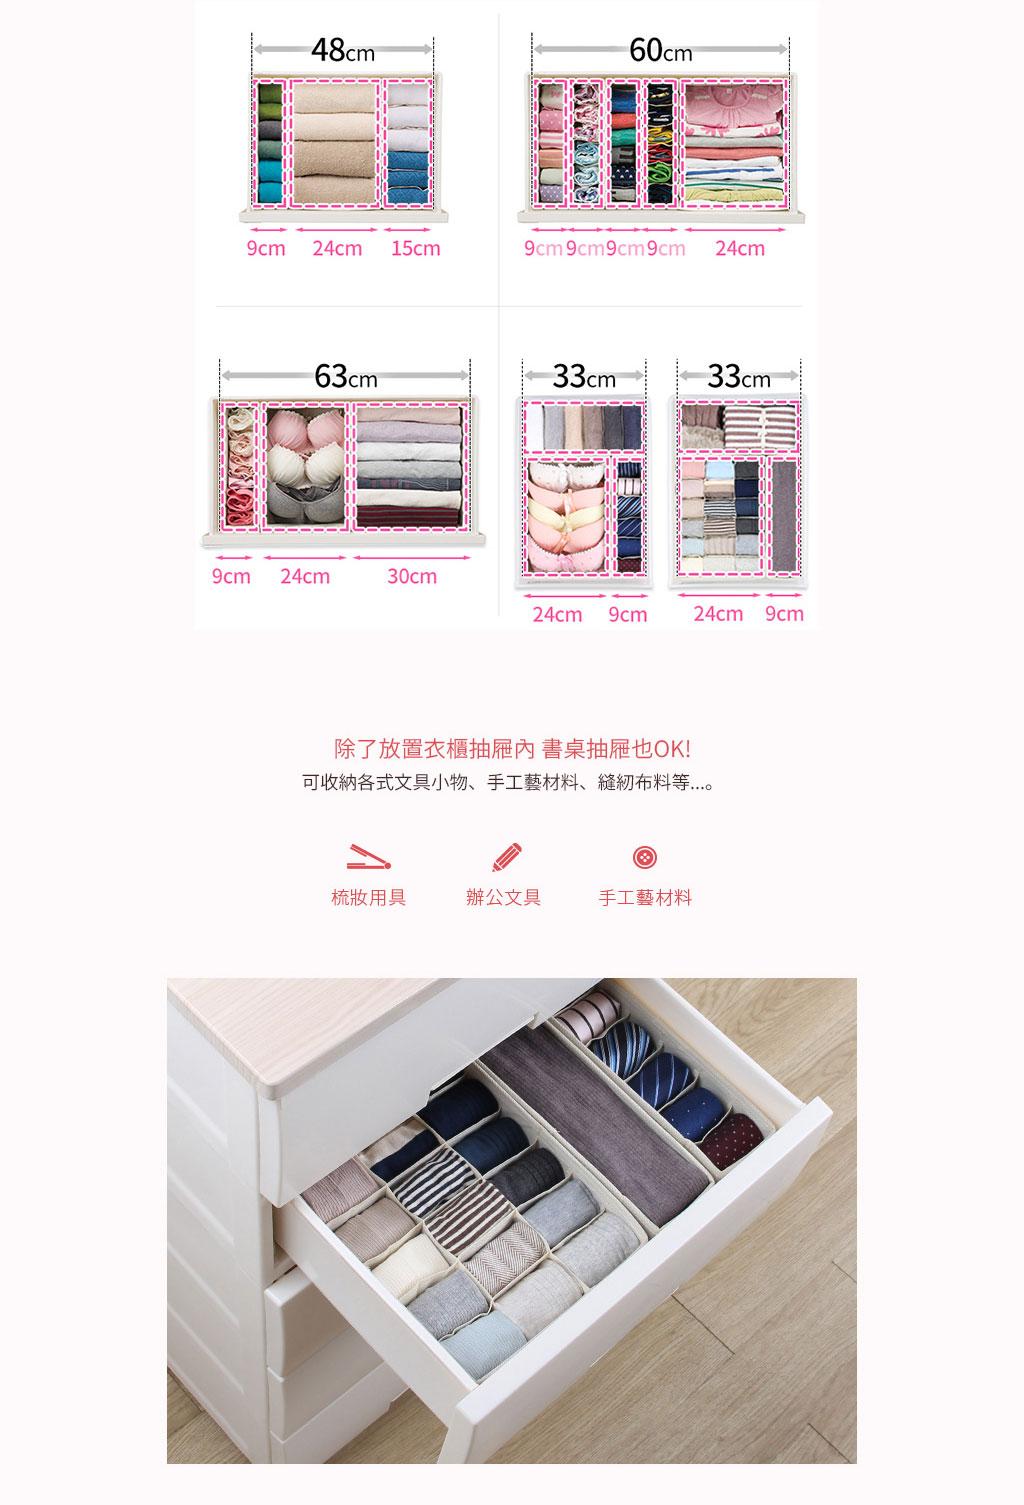 日本霜山 衣櫃抽屜用6小格分類收納布盒 (面寬15cm) 2入